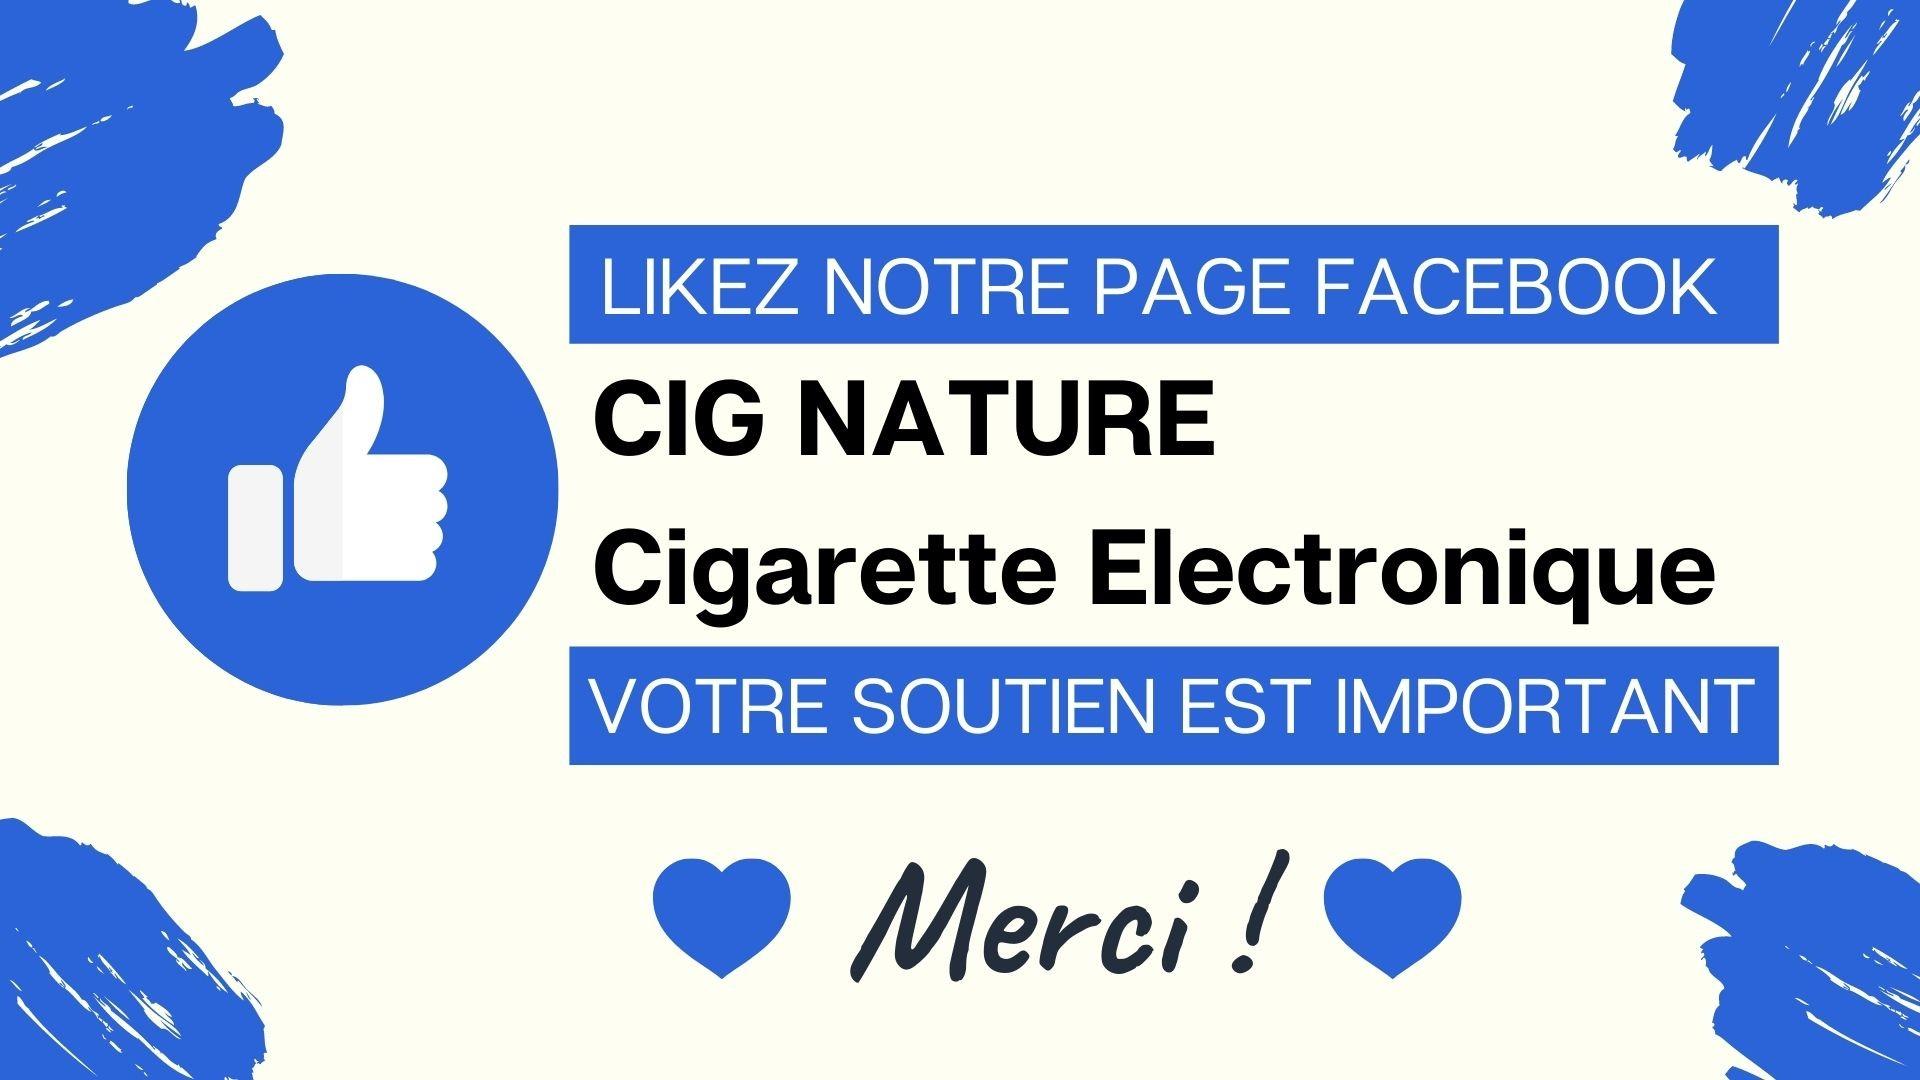 Likez notre page facebook